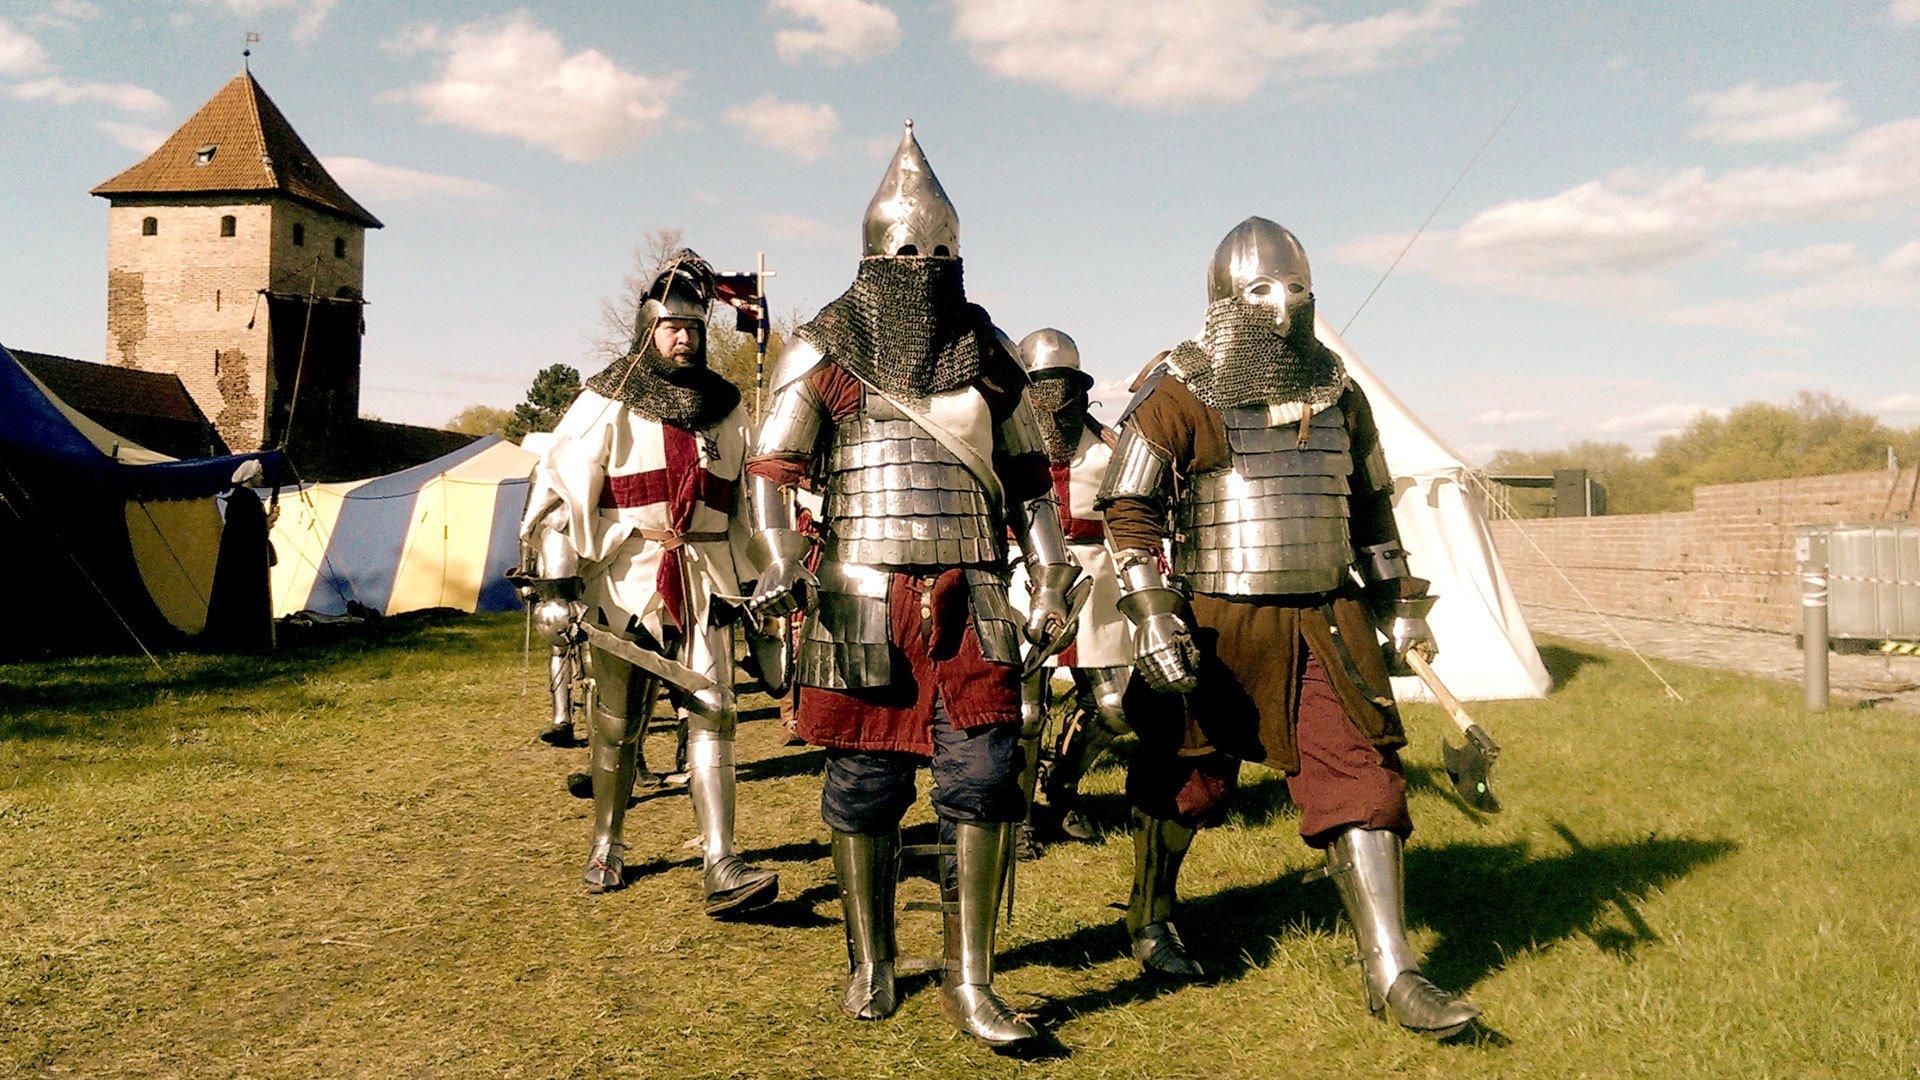 Чемпіонат світу з середньовічного бою та Олімпійський день: кращі спортивні івенти Києва 14-19 травня